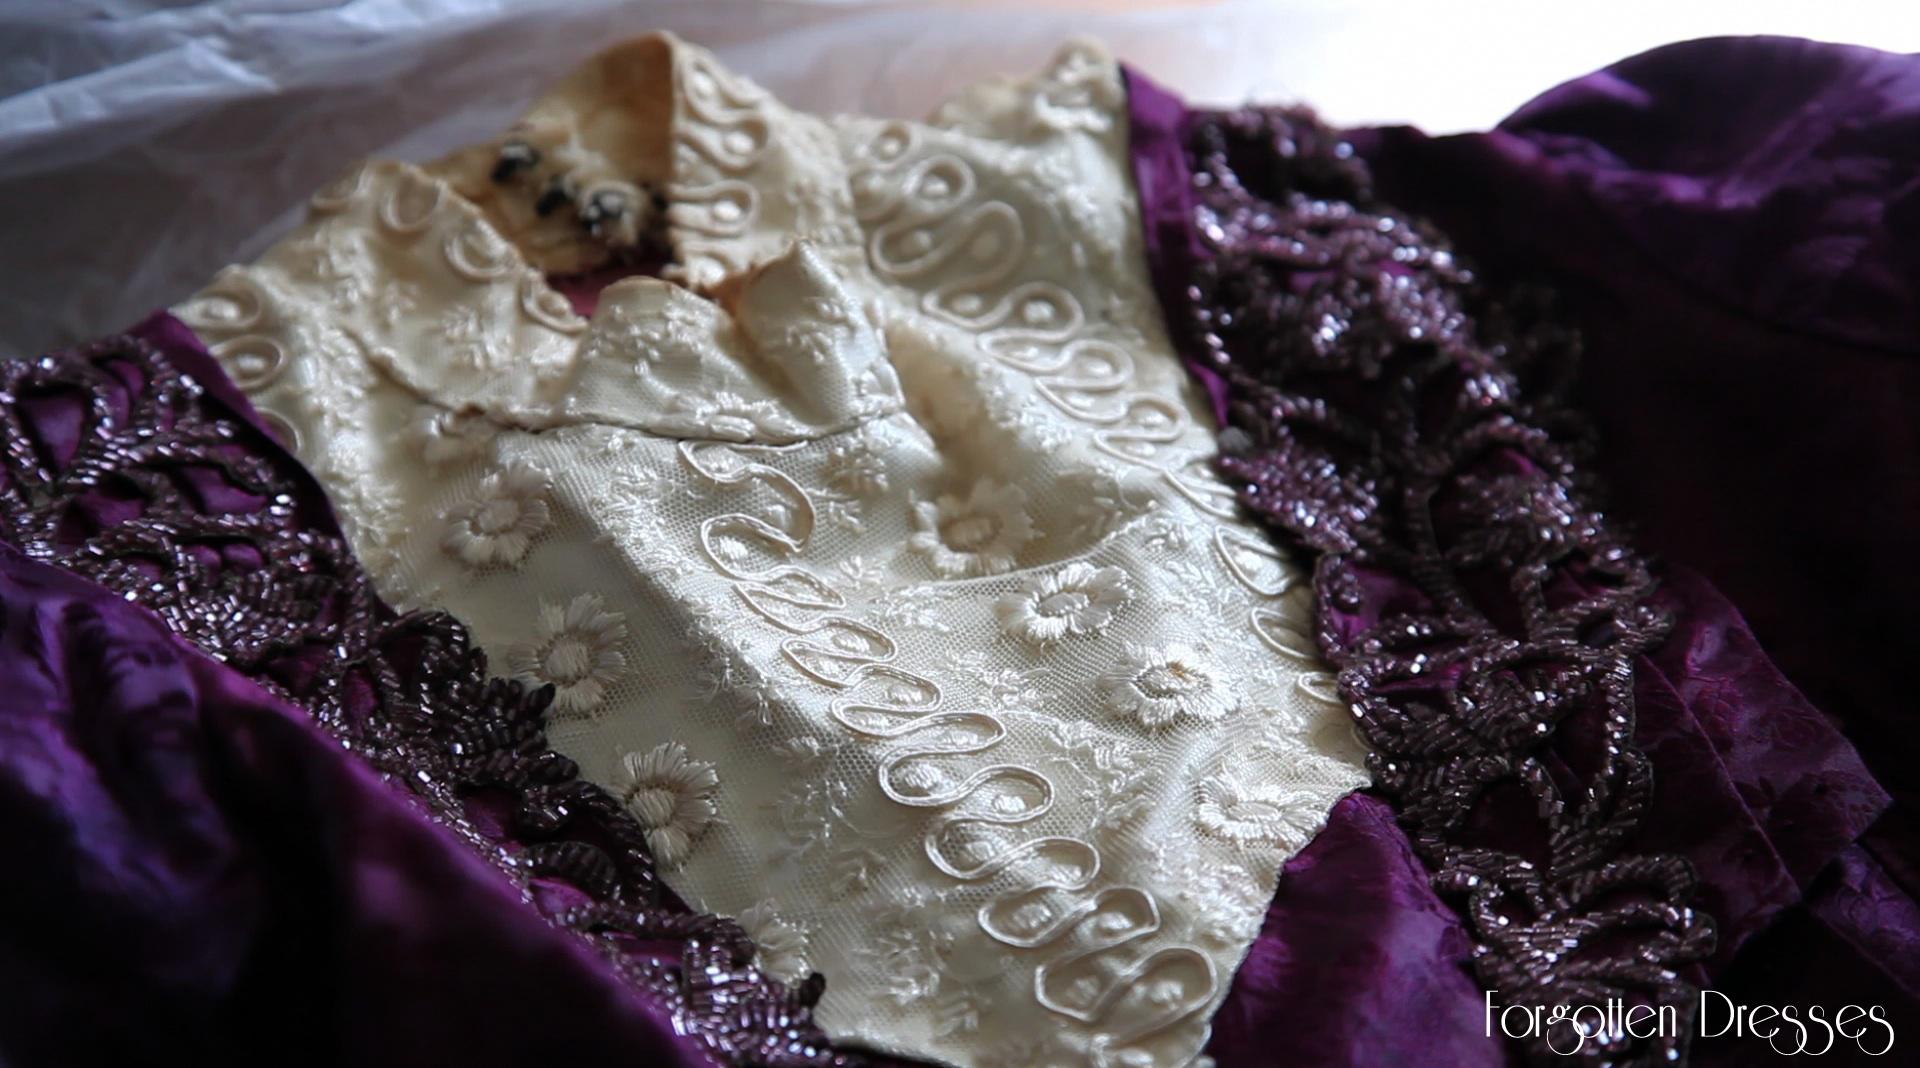 Forgotten Dresses (2012)